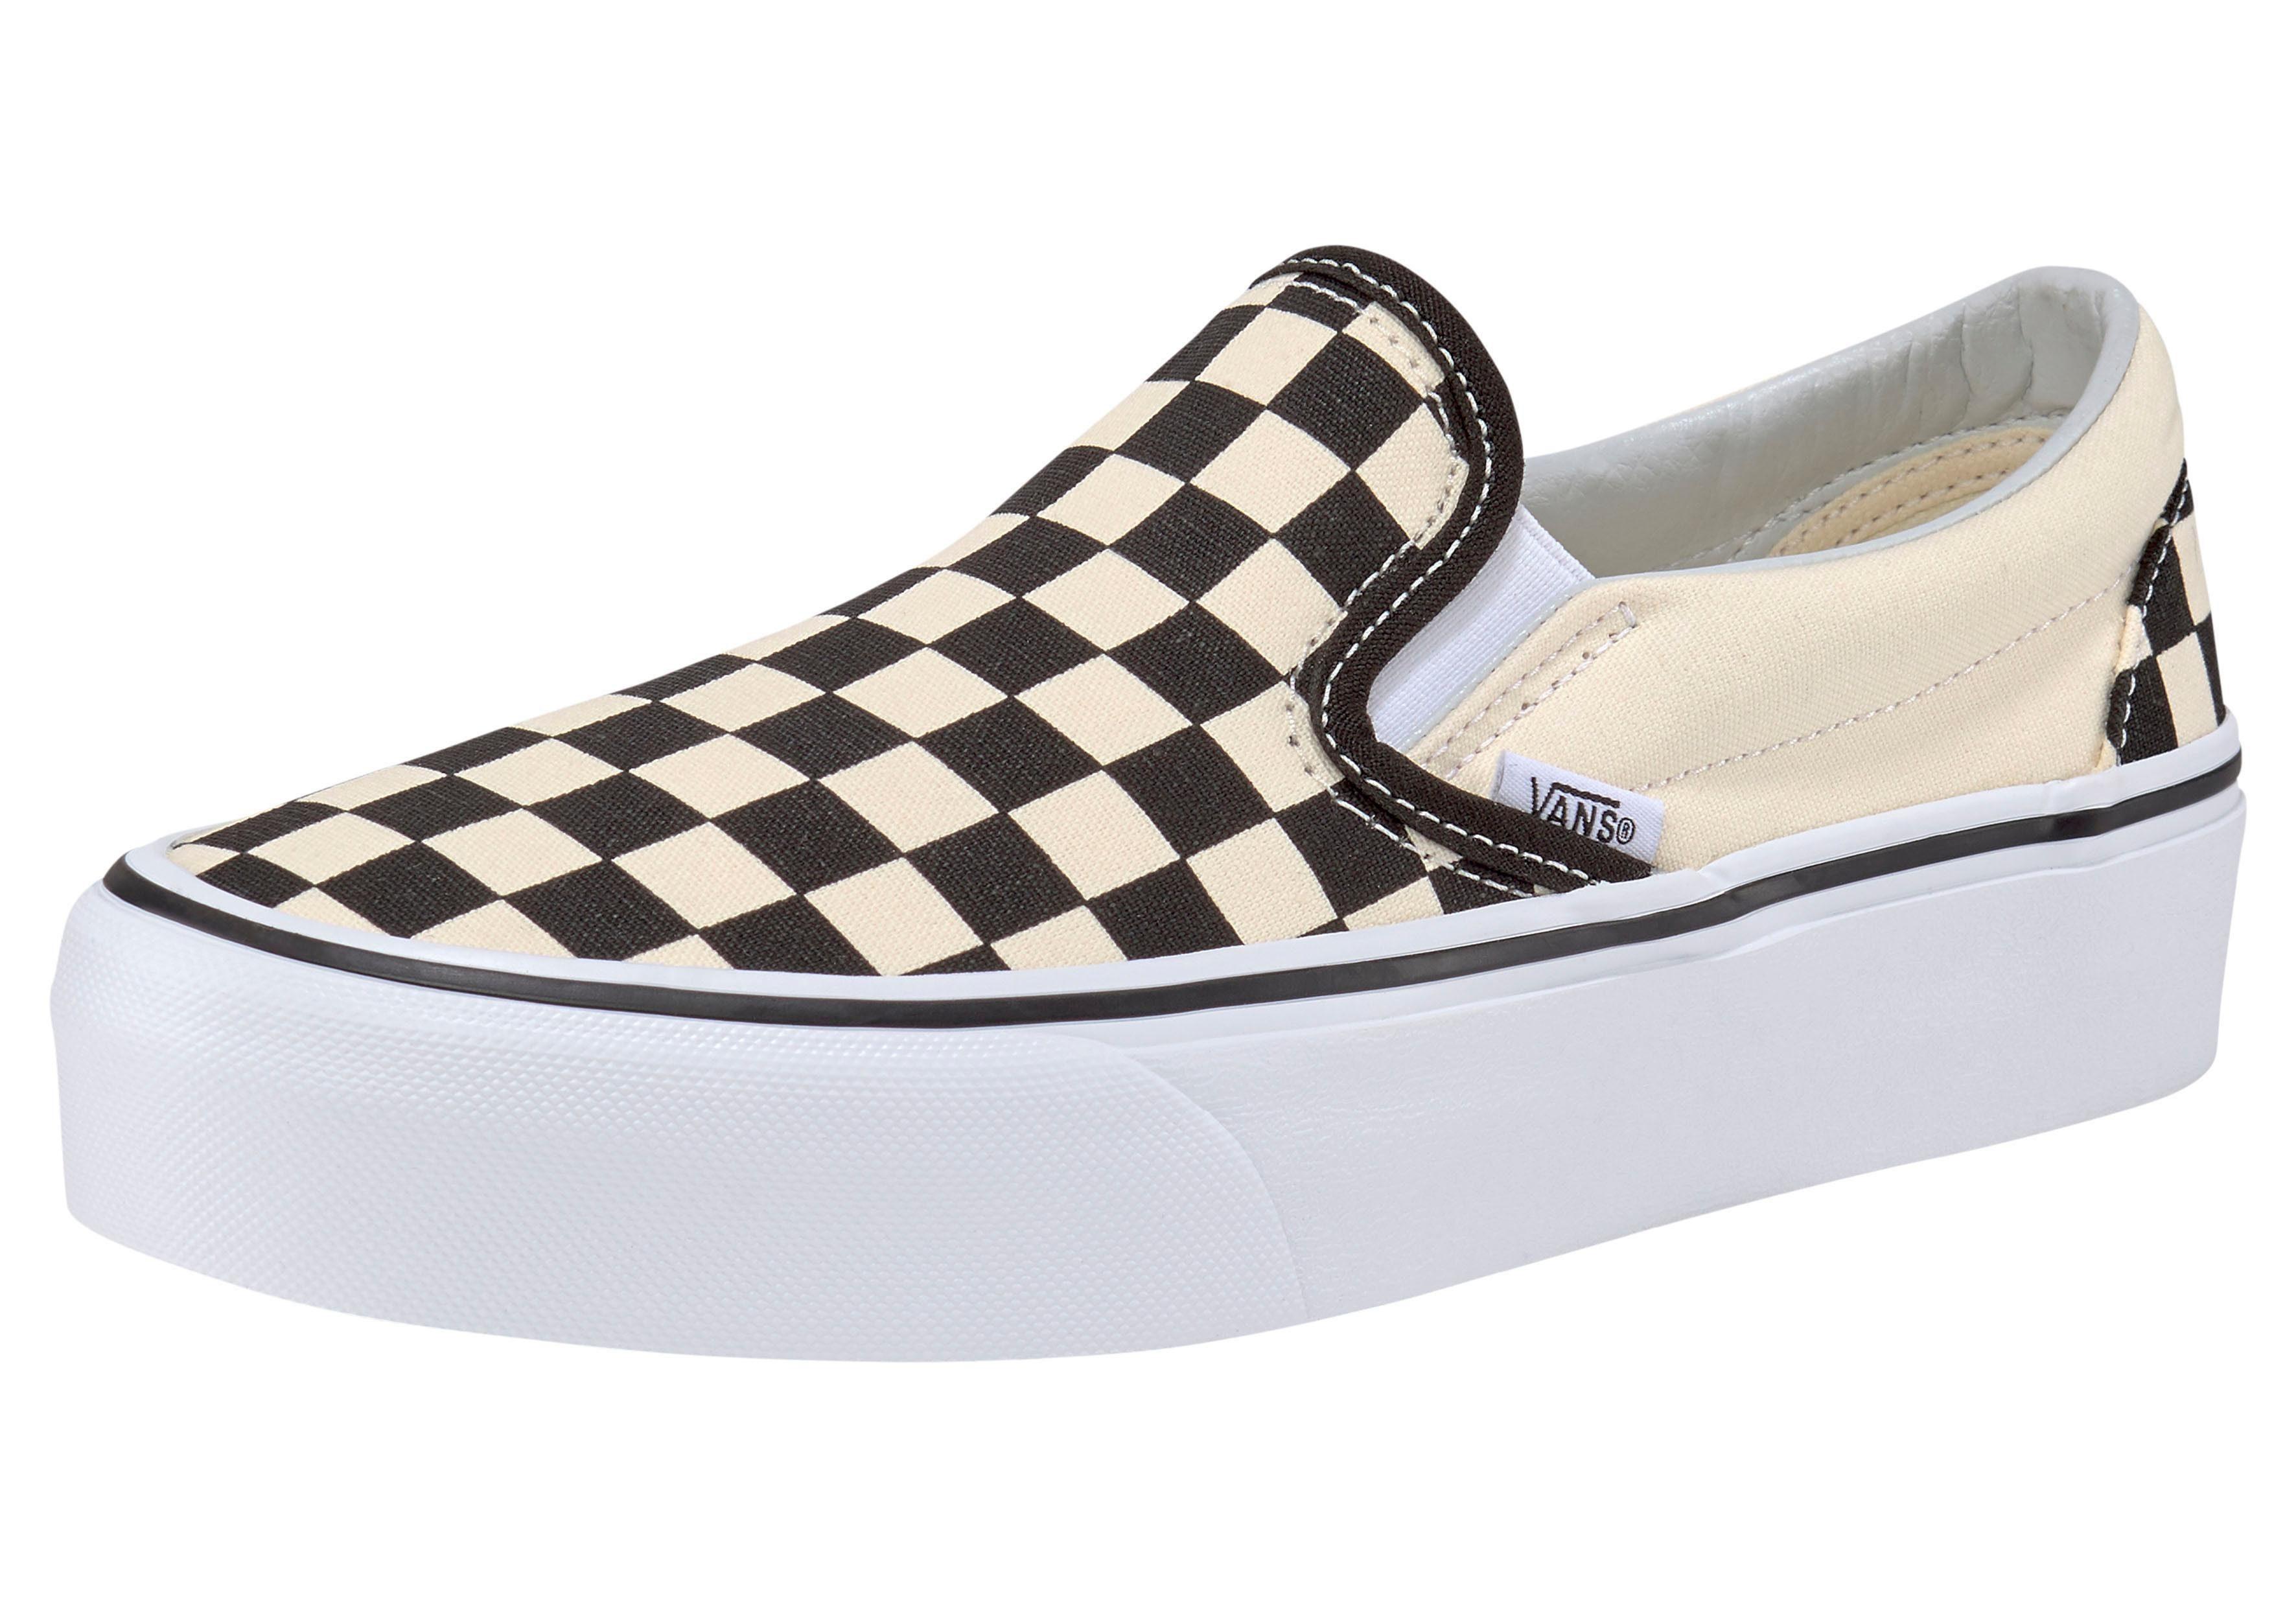 Vans »Classic Slip On Platform Checkerboard« Plateausneaker online kaufen | OTTO